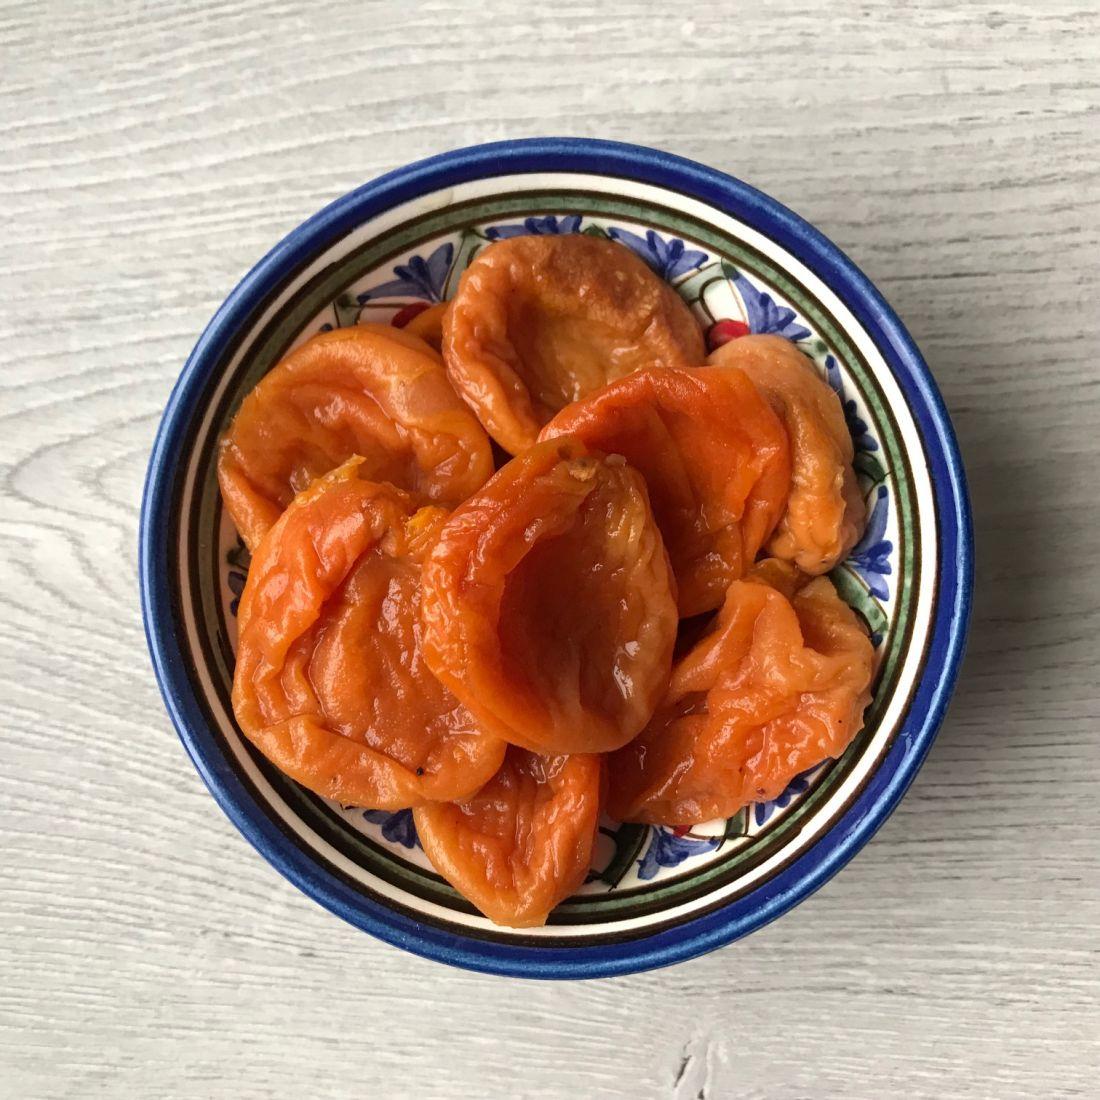 Курага кисло-сладкая высший сорт, Узбекистан - 500 гр